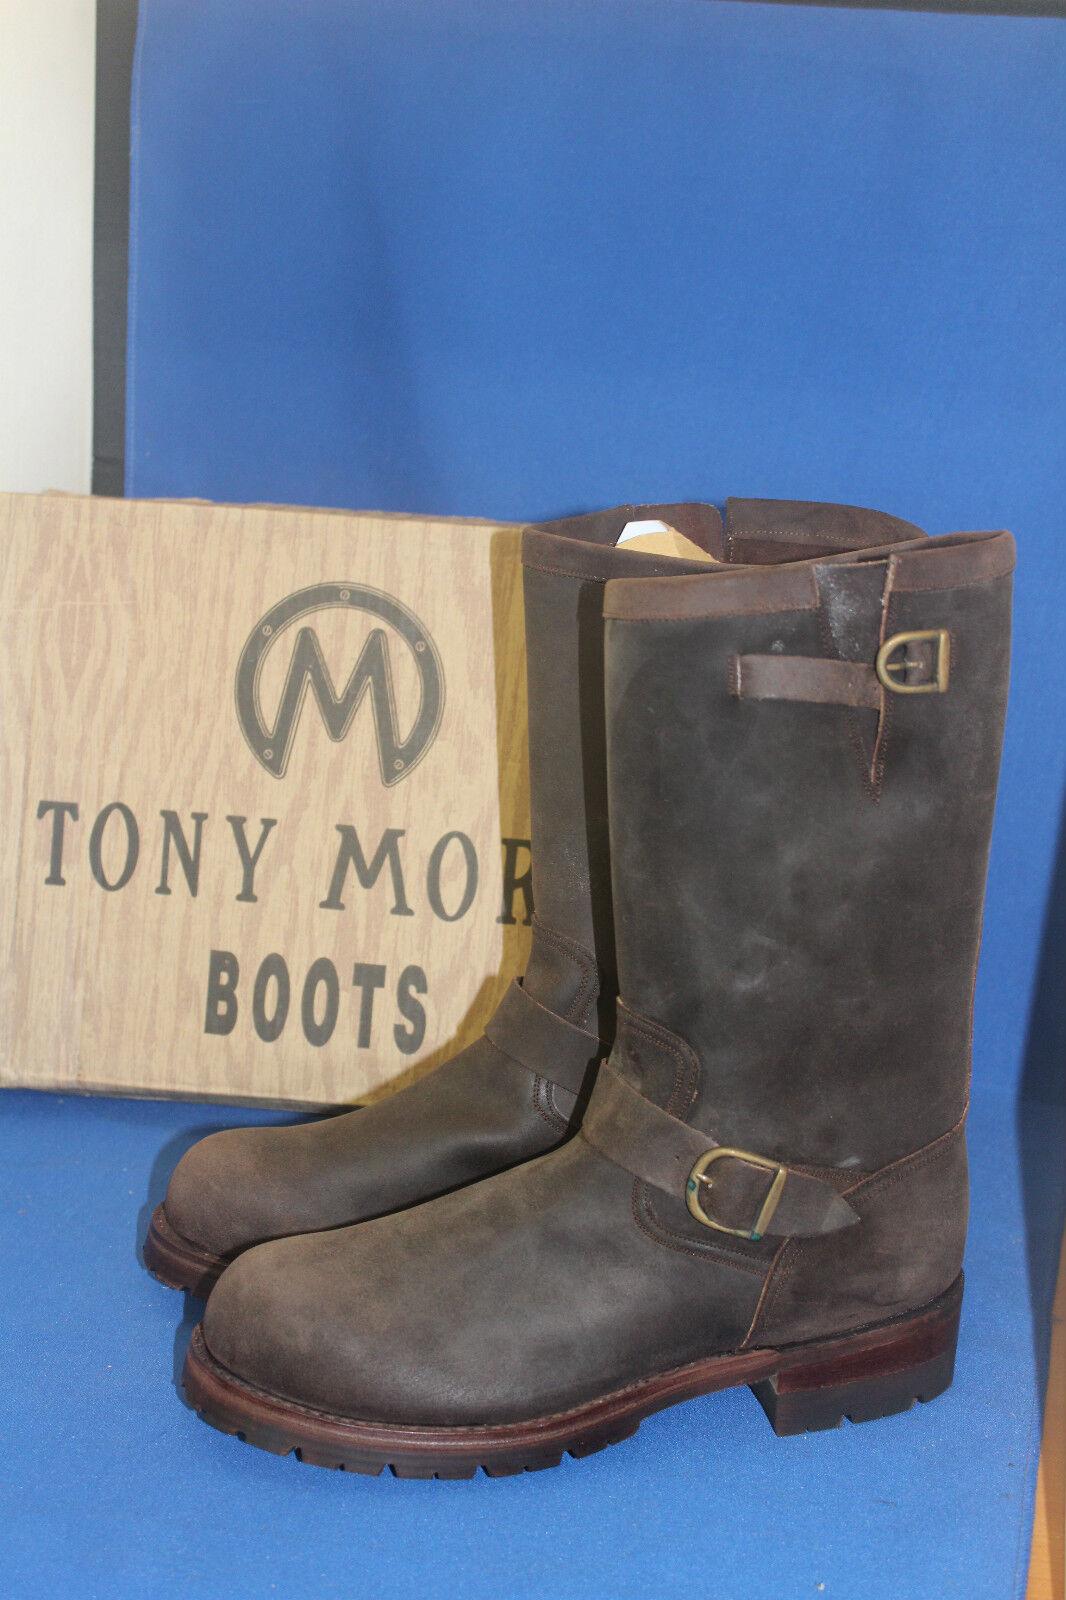 Tony mora botas botas motorista engineer Western botas vaqueras botas talla. 41 nuevo